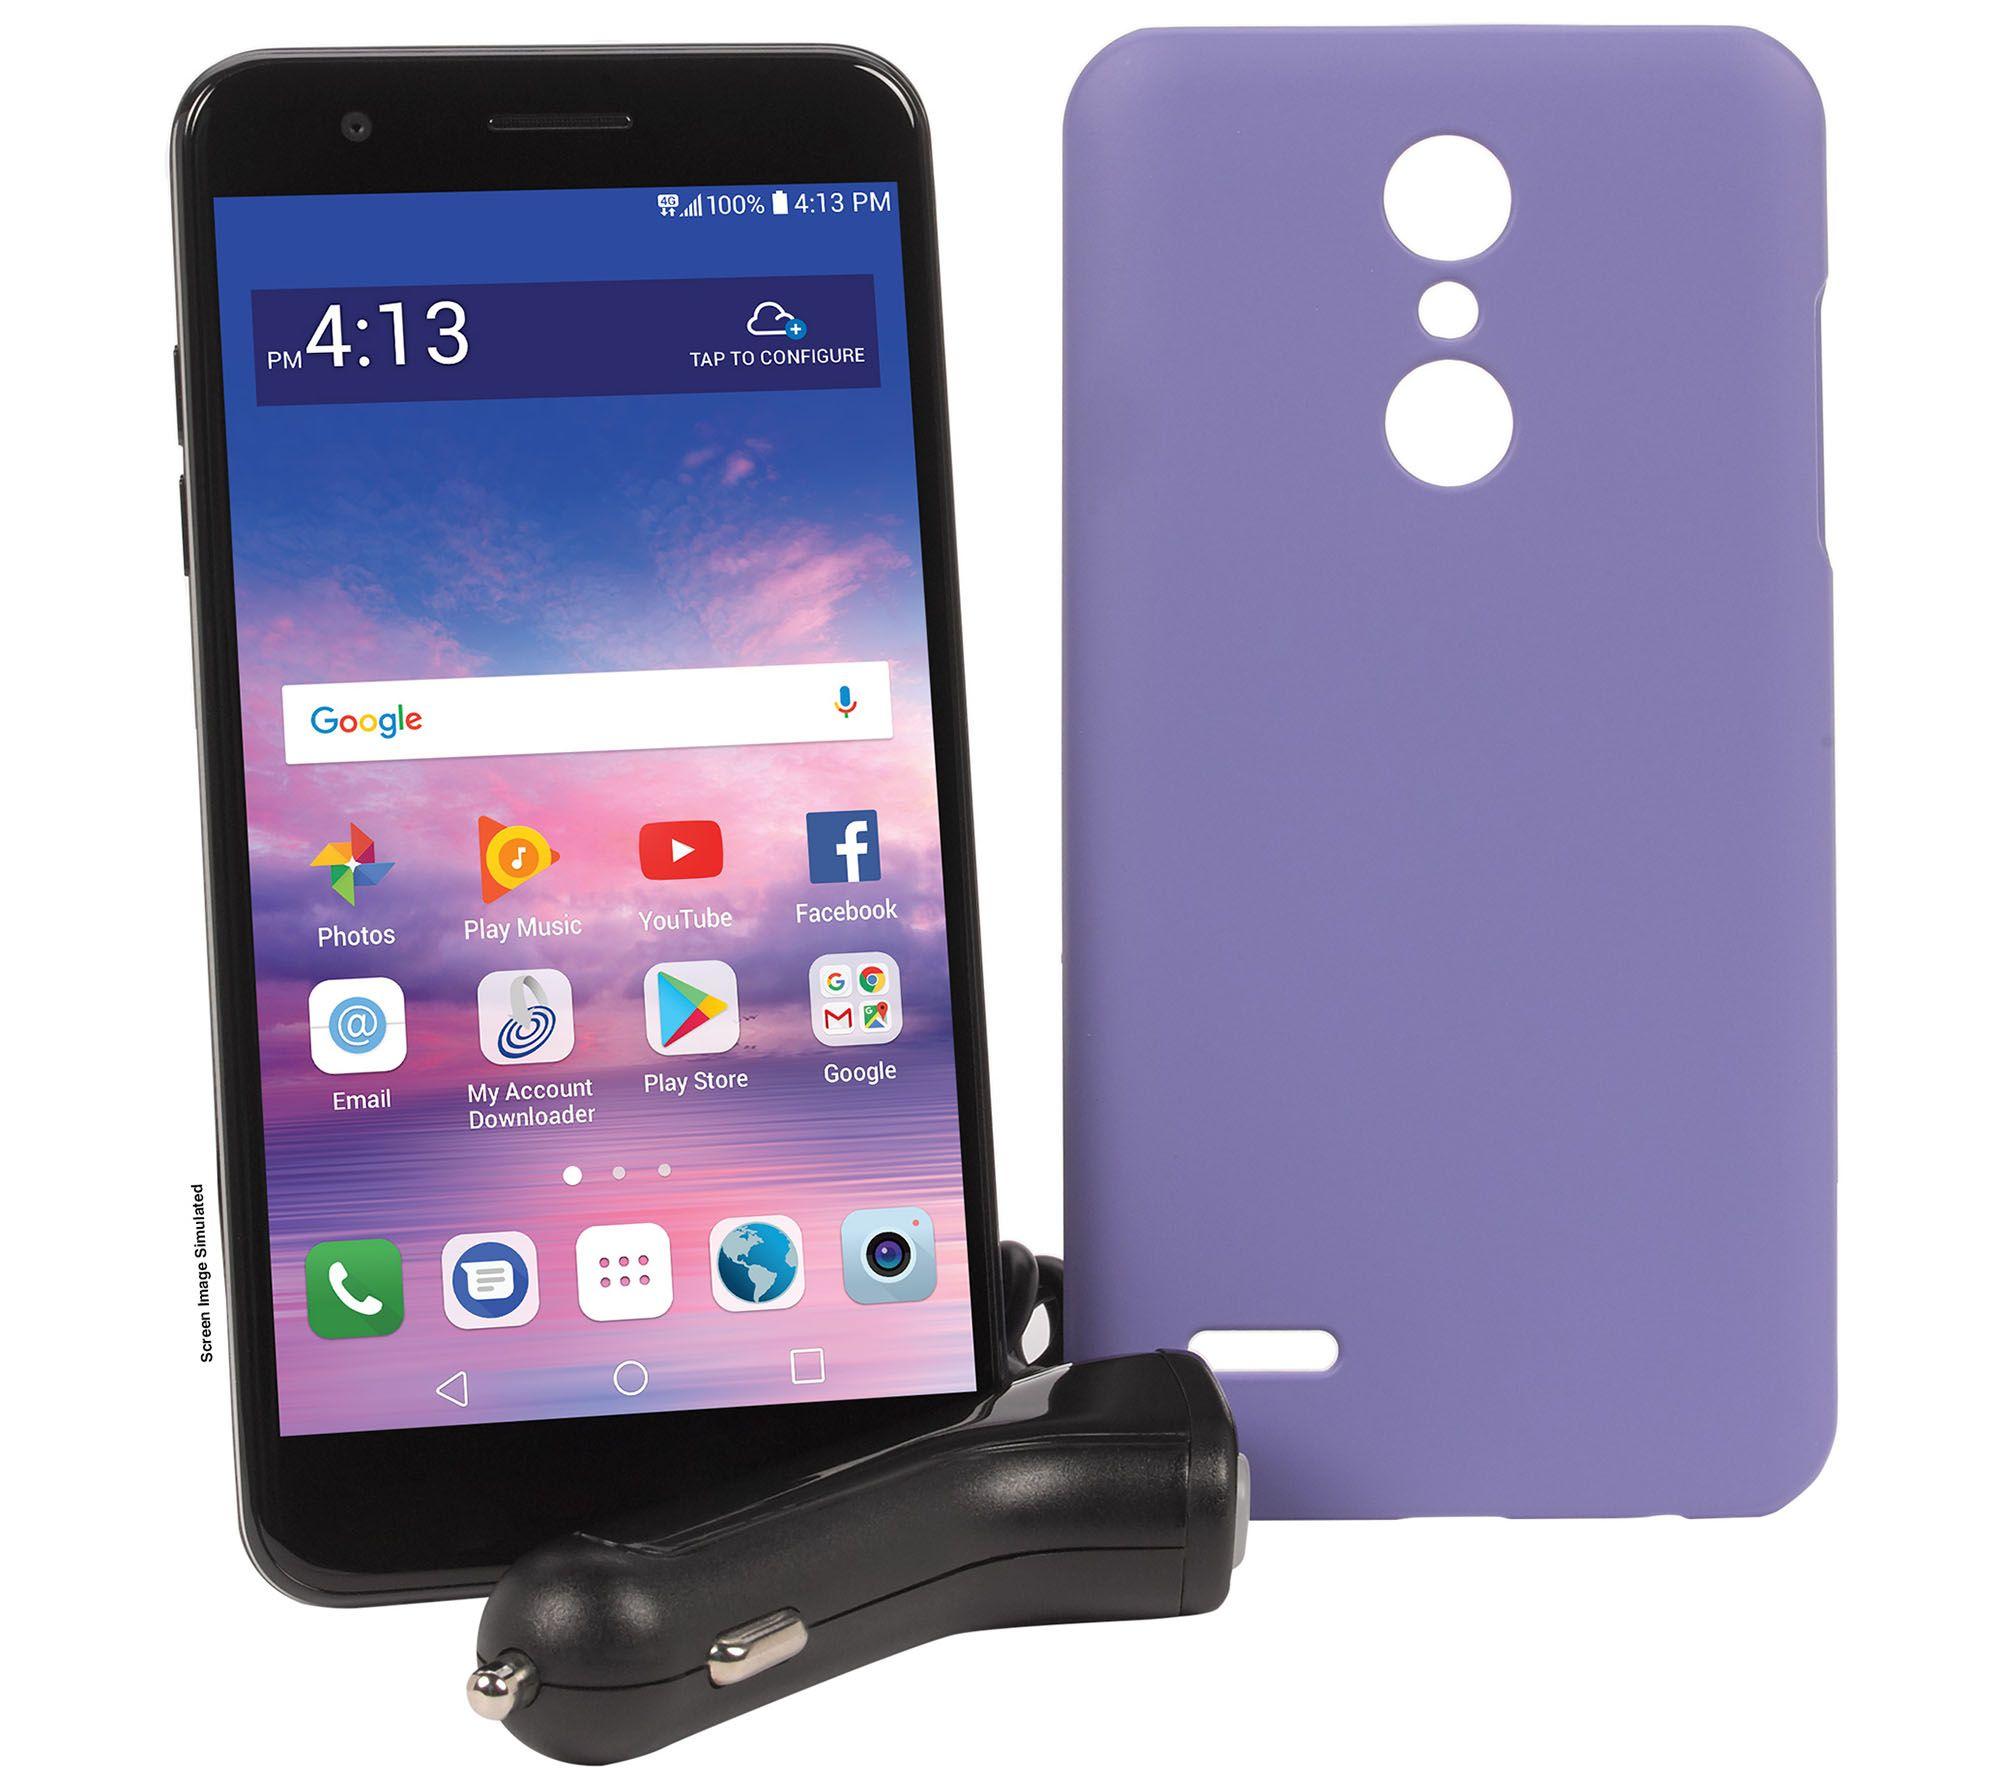 Tracfone LG Premier Pro 5 3